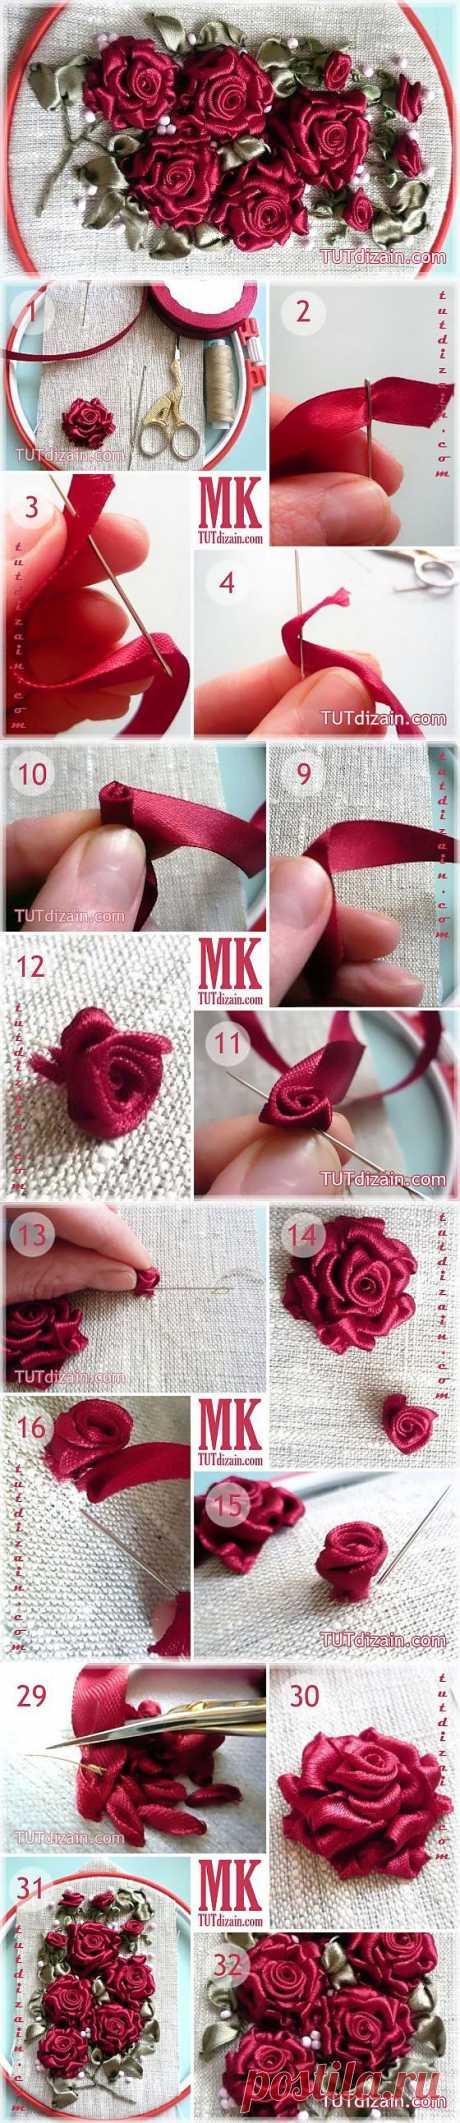 Вышиваем лентами розы » Планета рукоделия